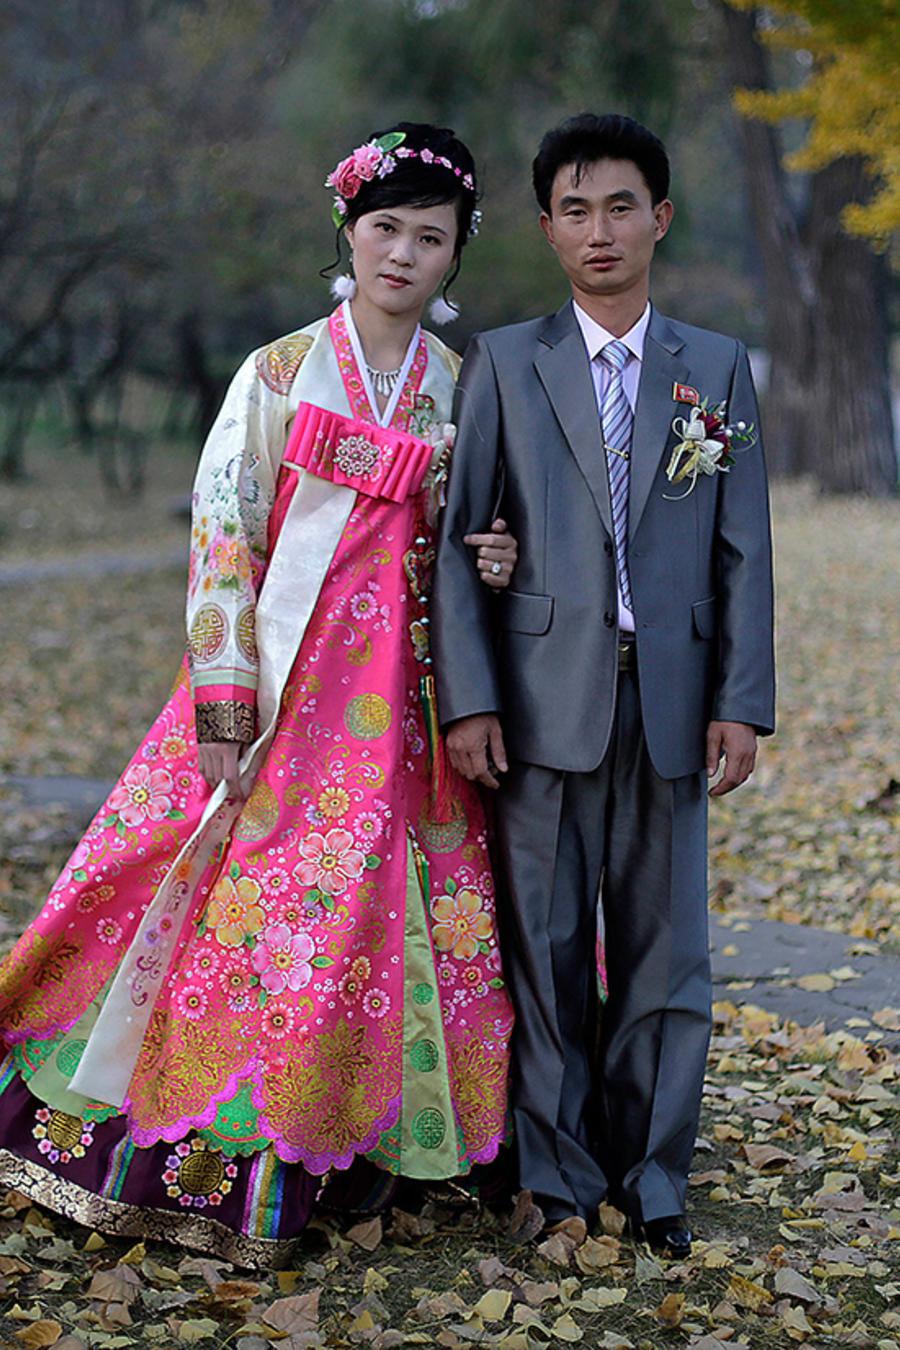 Los novios Ri Ok Ran y Kang Sung Jin de 28 y 32 años respectivamente.